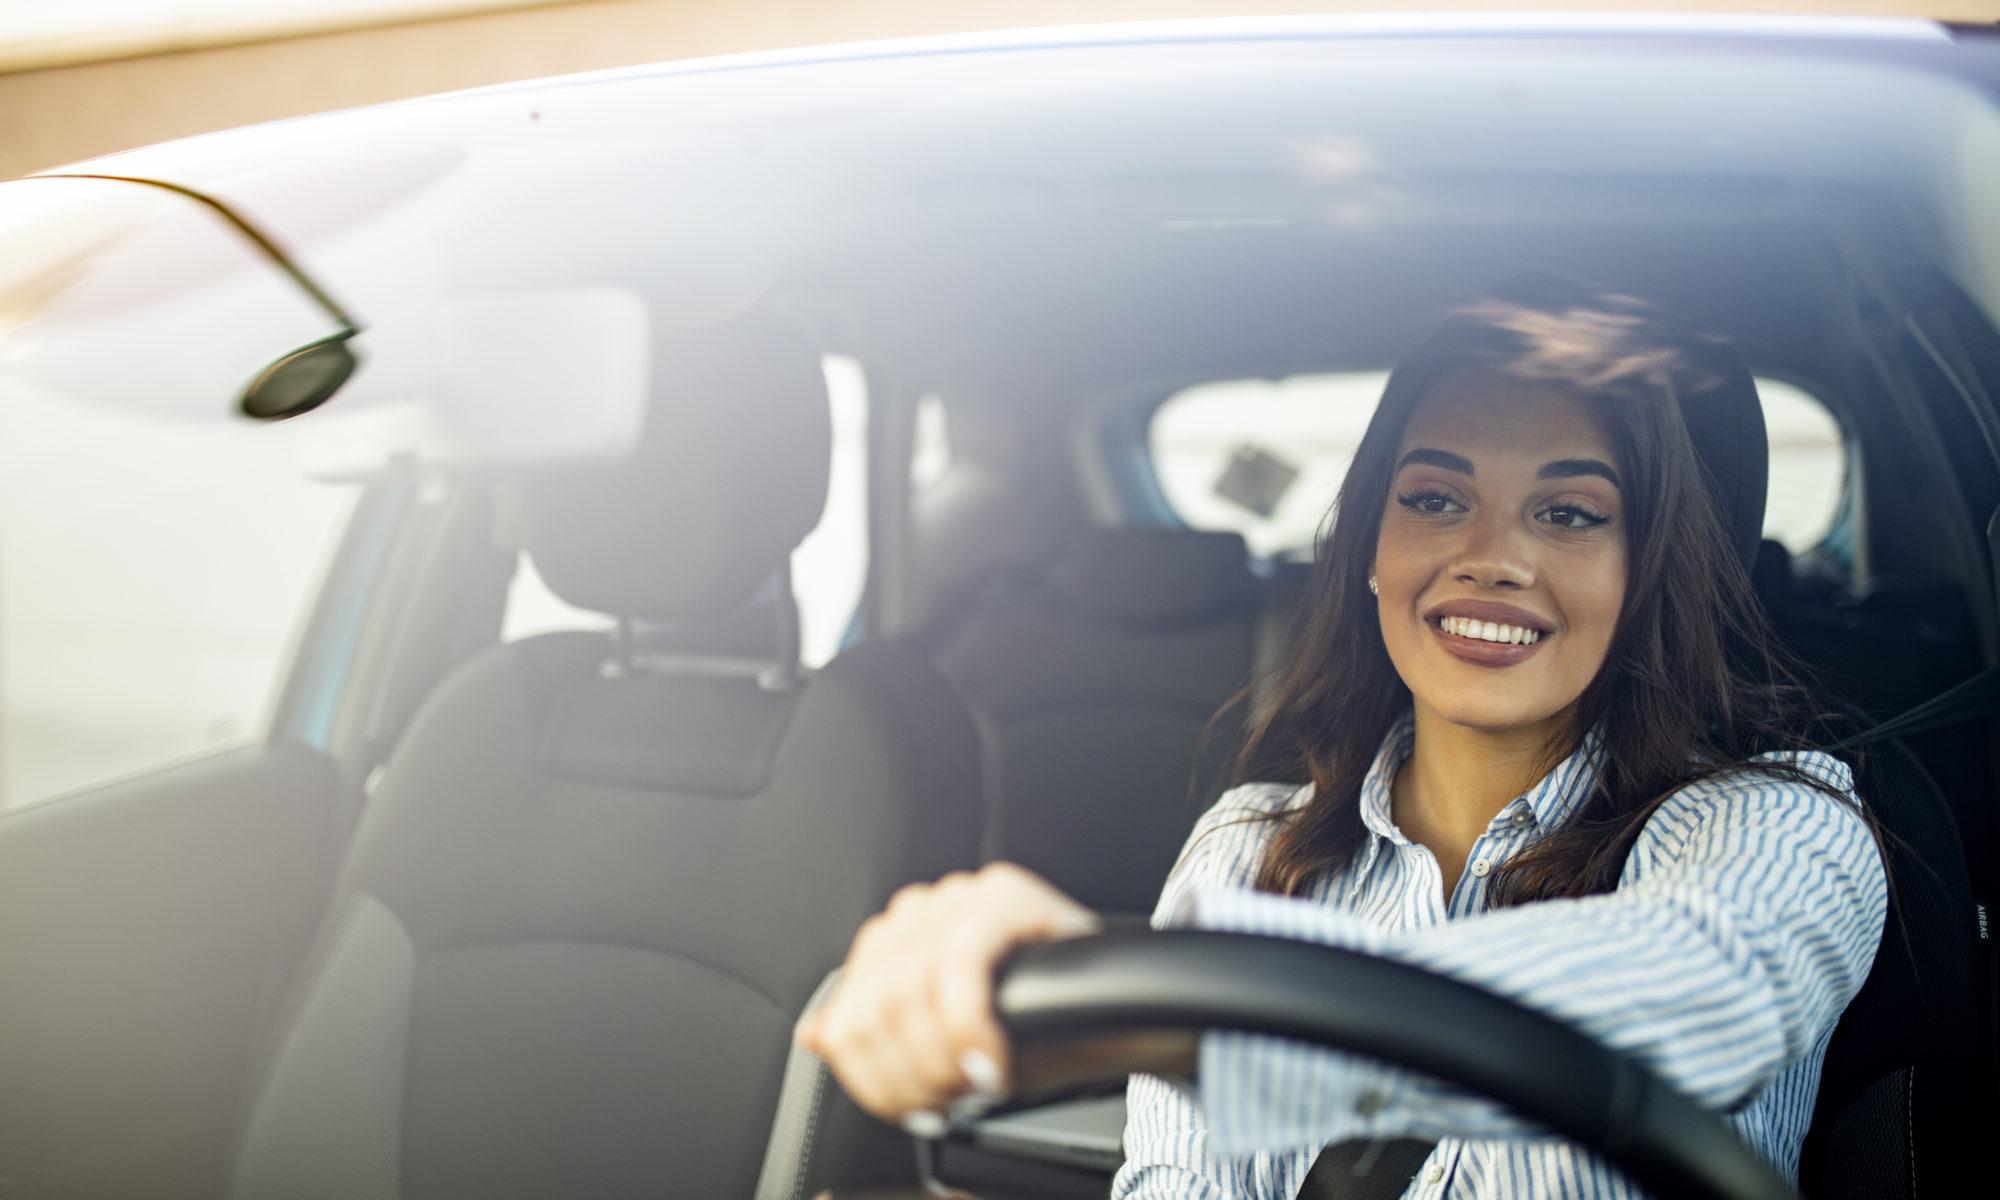 Piękna młoda kobieta za kierownicą samochodu